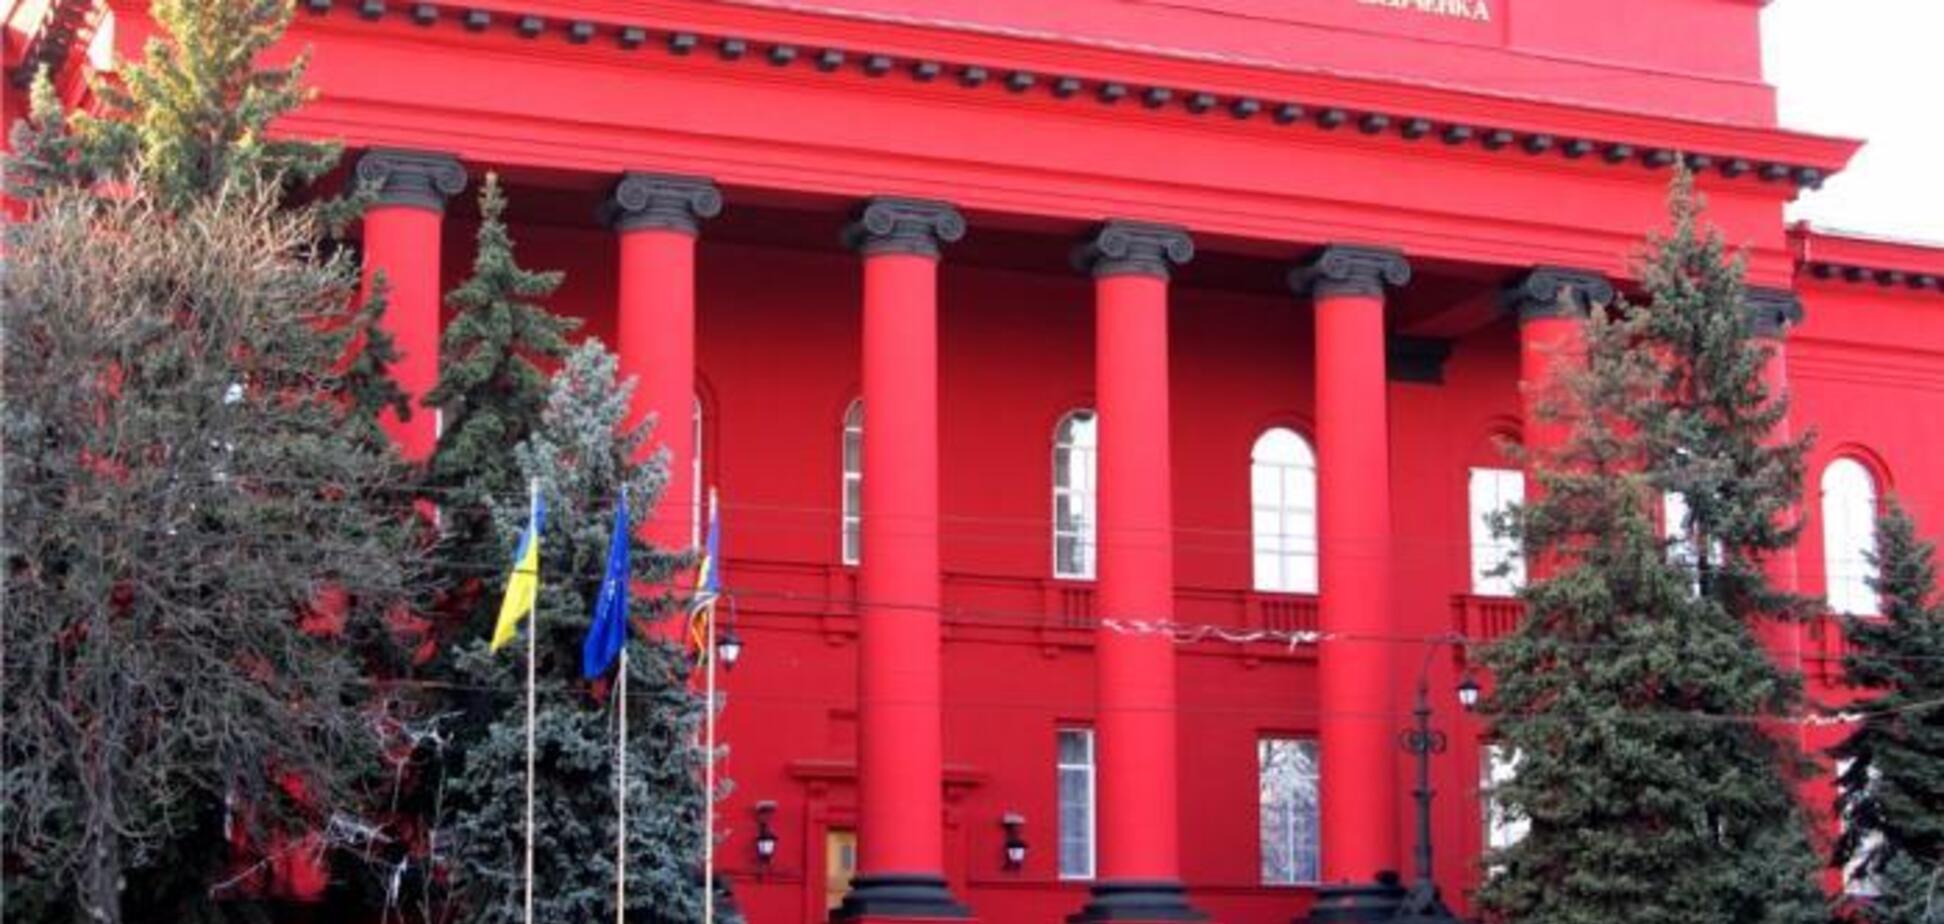 Червоний корпус університету Шевченка побілів: у чому справа